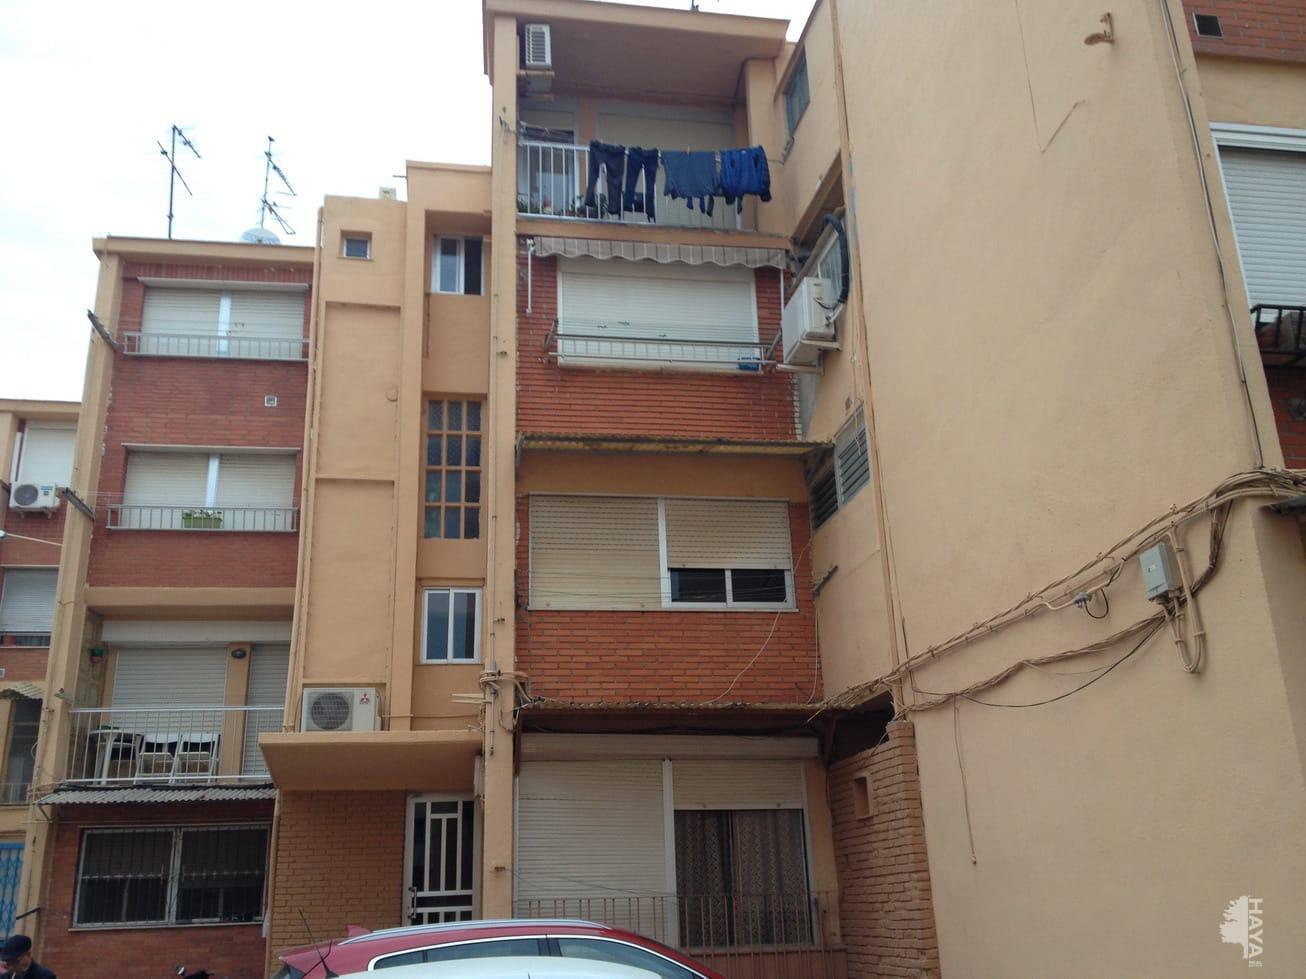 Piso en venta en Benicarló, Castellón, Avenida Marqués de Benicarló, 52.954 €, 3 habitaciones, 1 baño, 62 m2